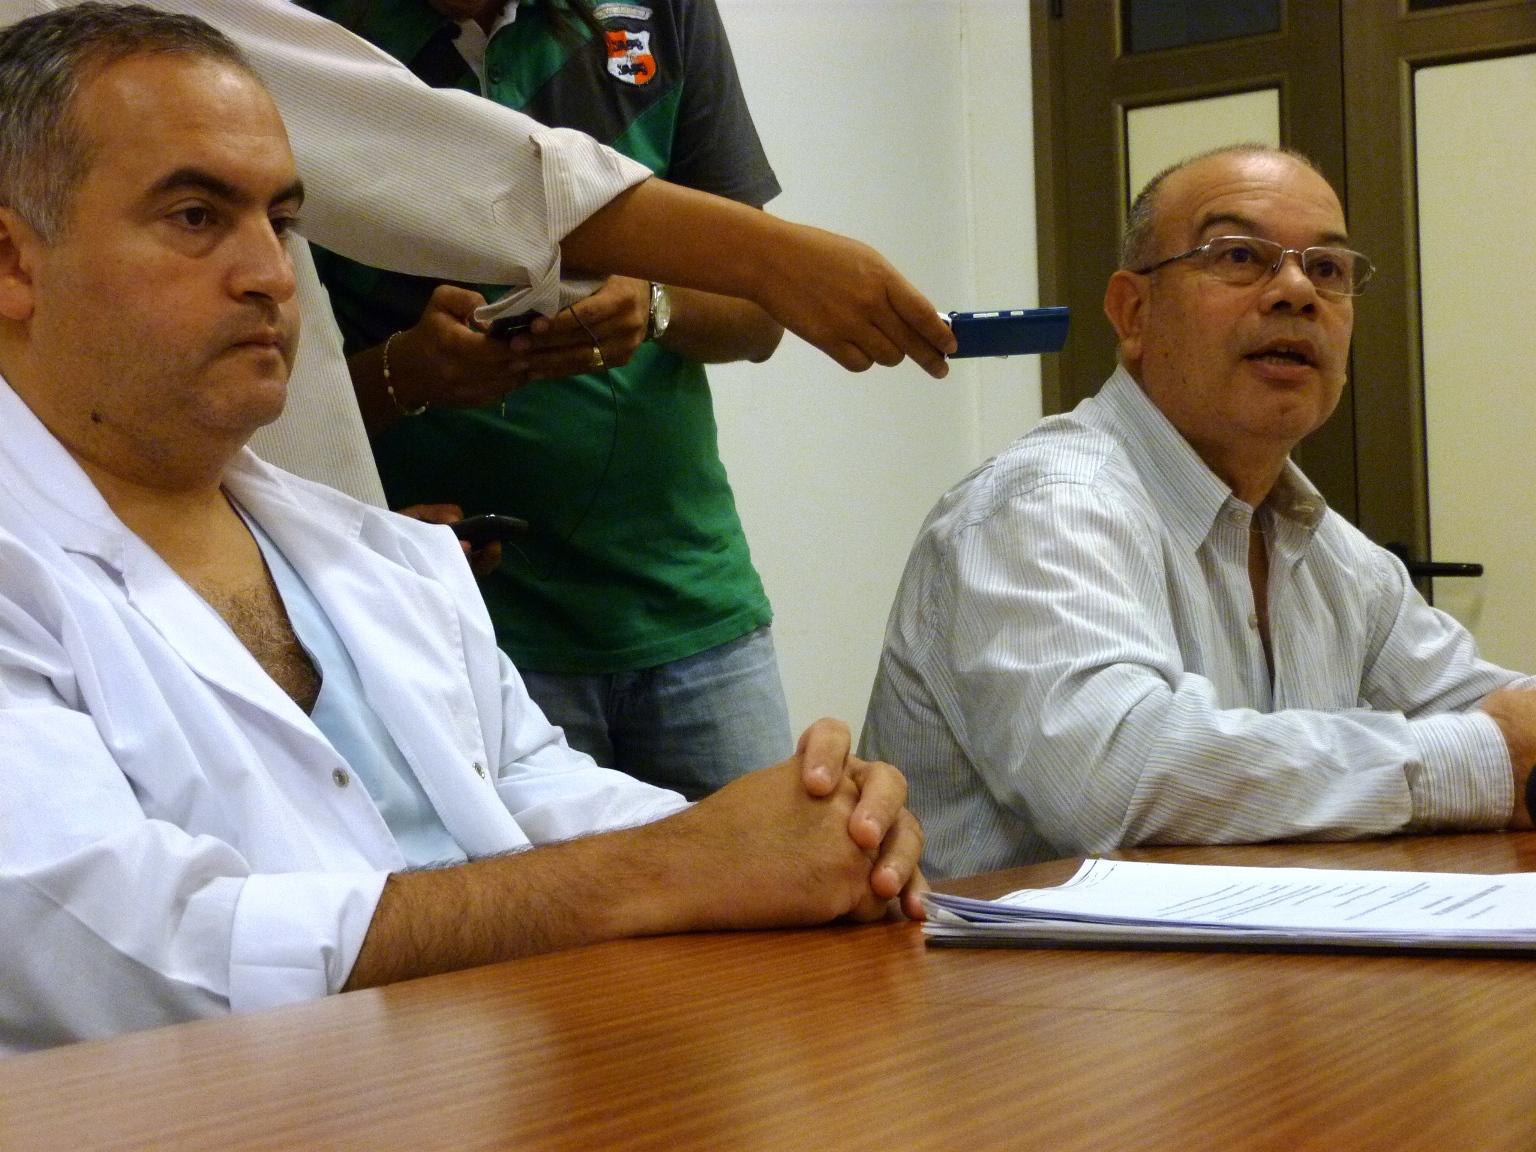 En conferencia, los doctores Betancour y Querencio (derecha),